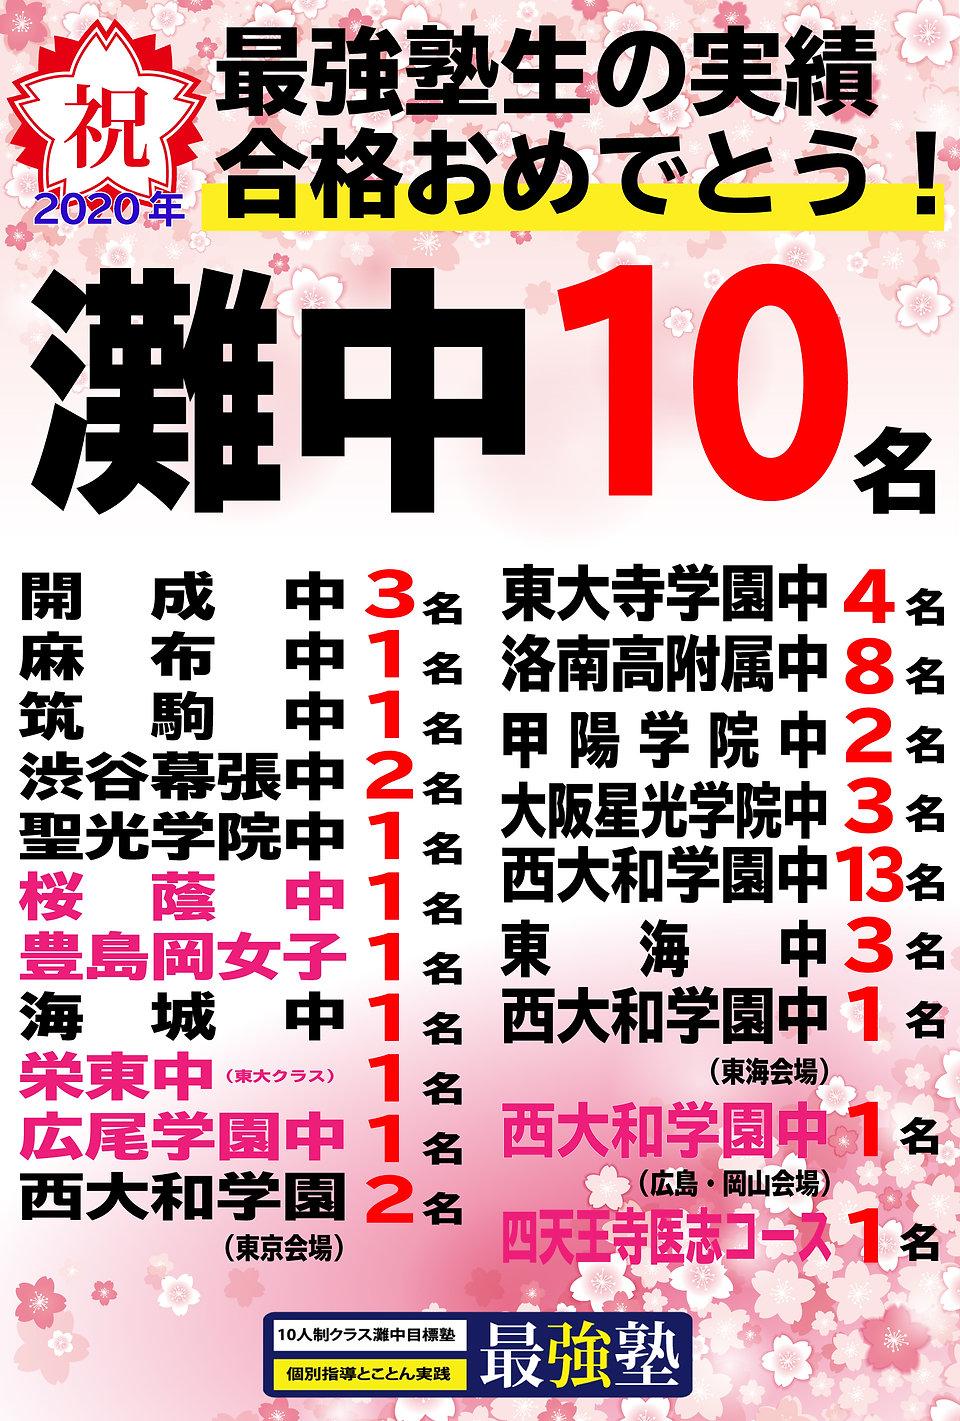 2020年の最強塾合格実績.jpg